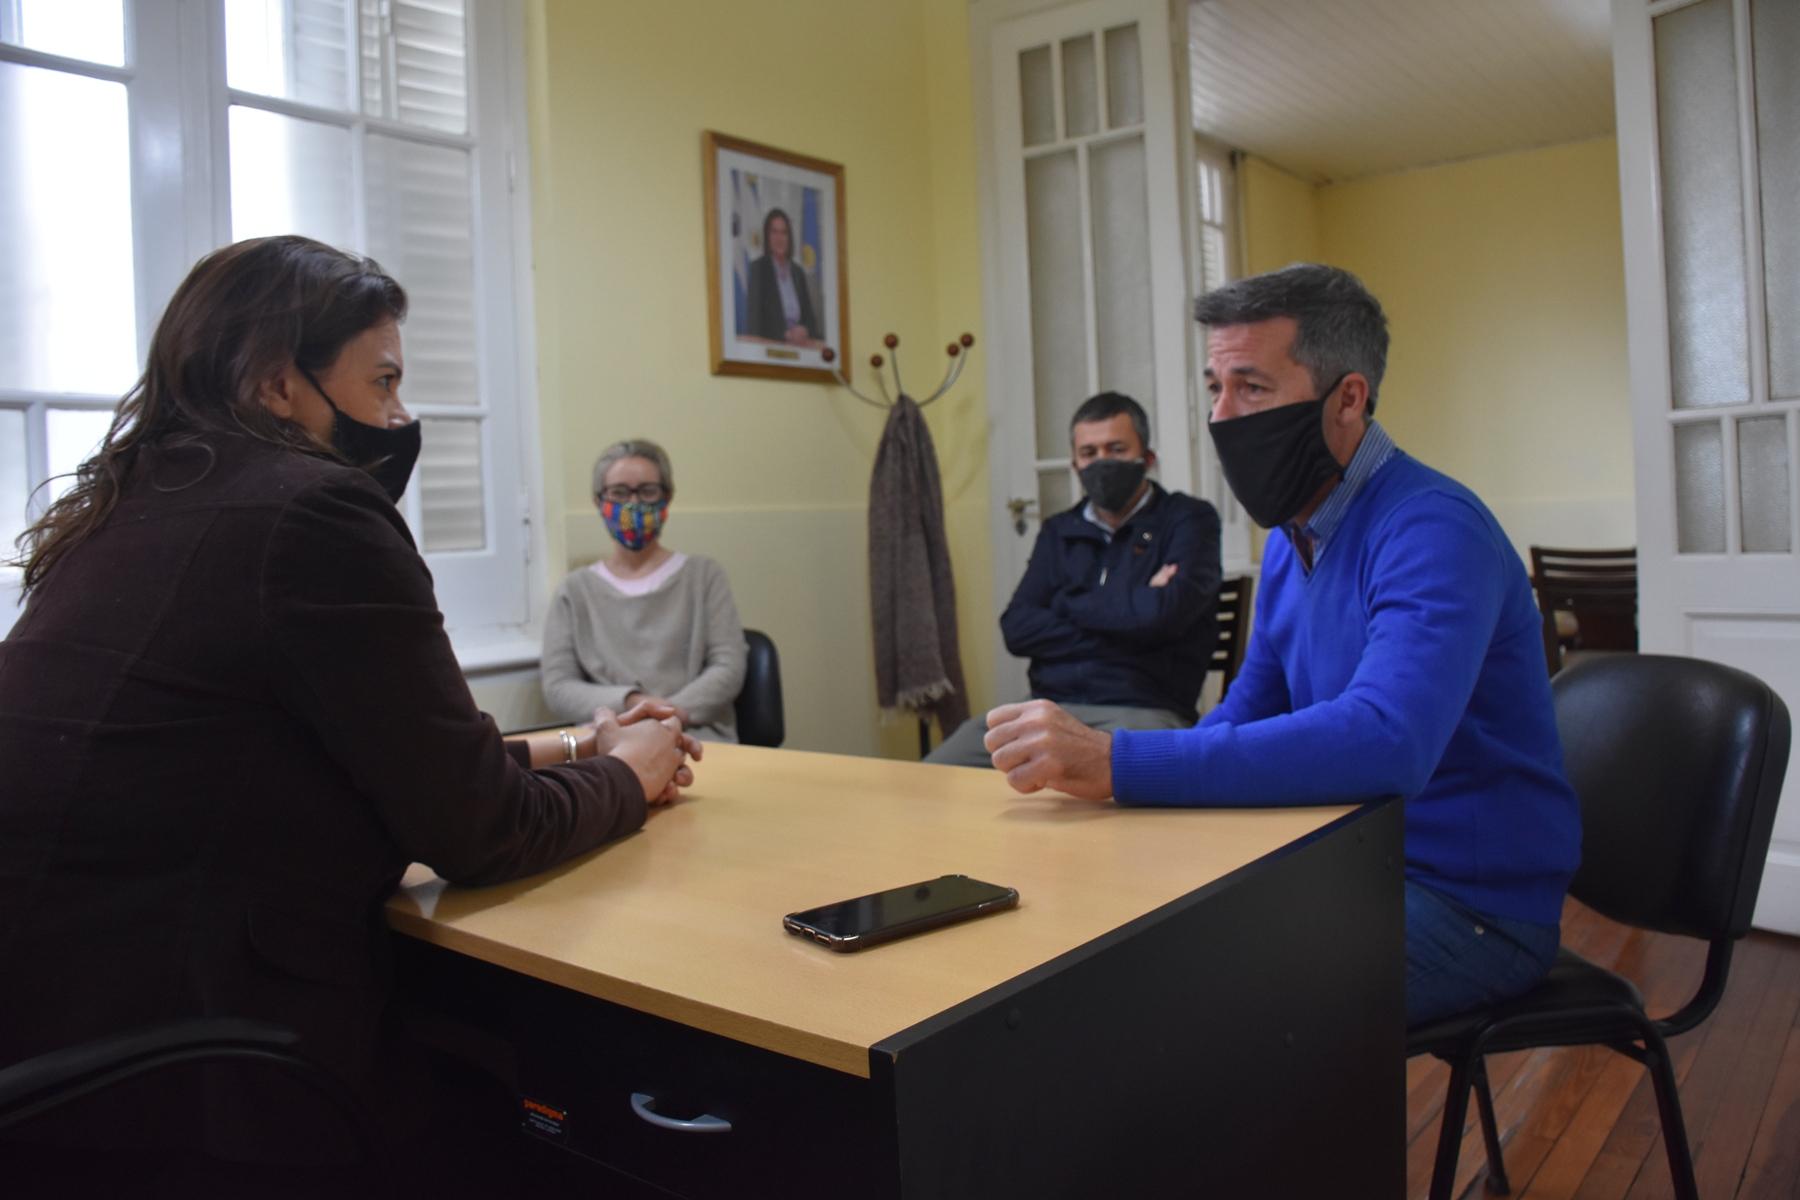 La intendenta Alonso recibió en su despacho al diputado Ardohain